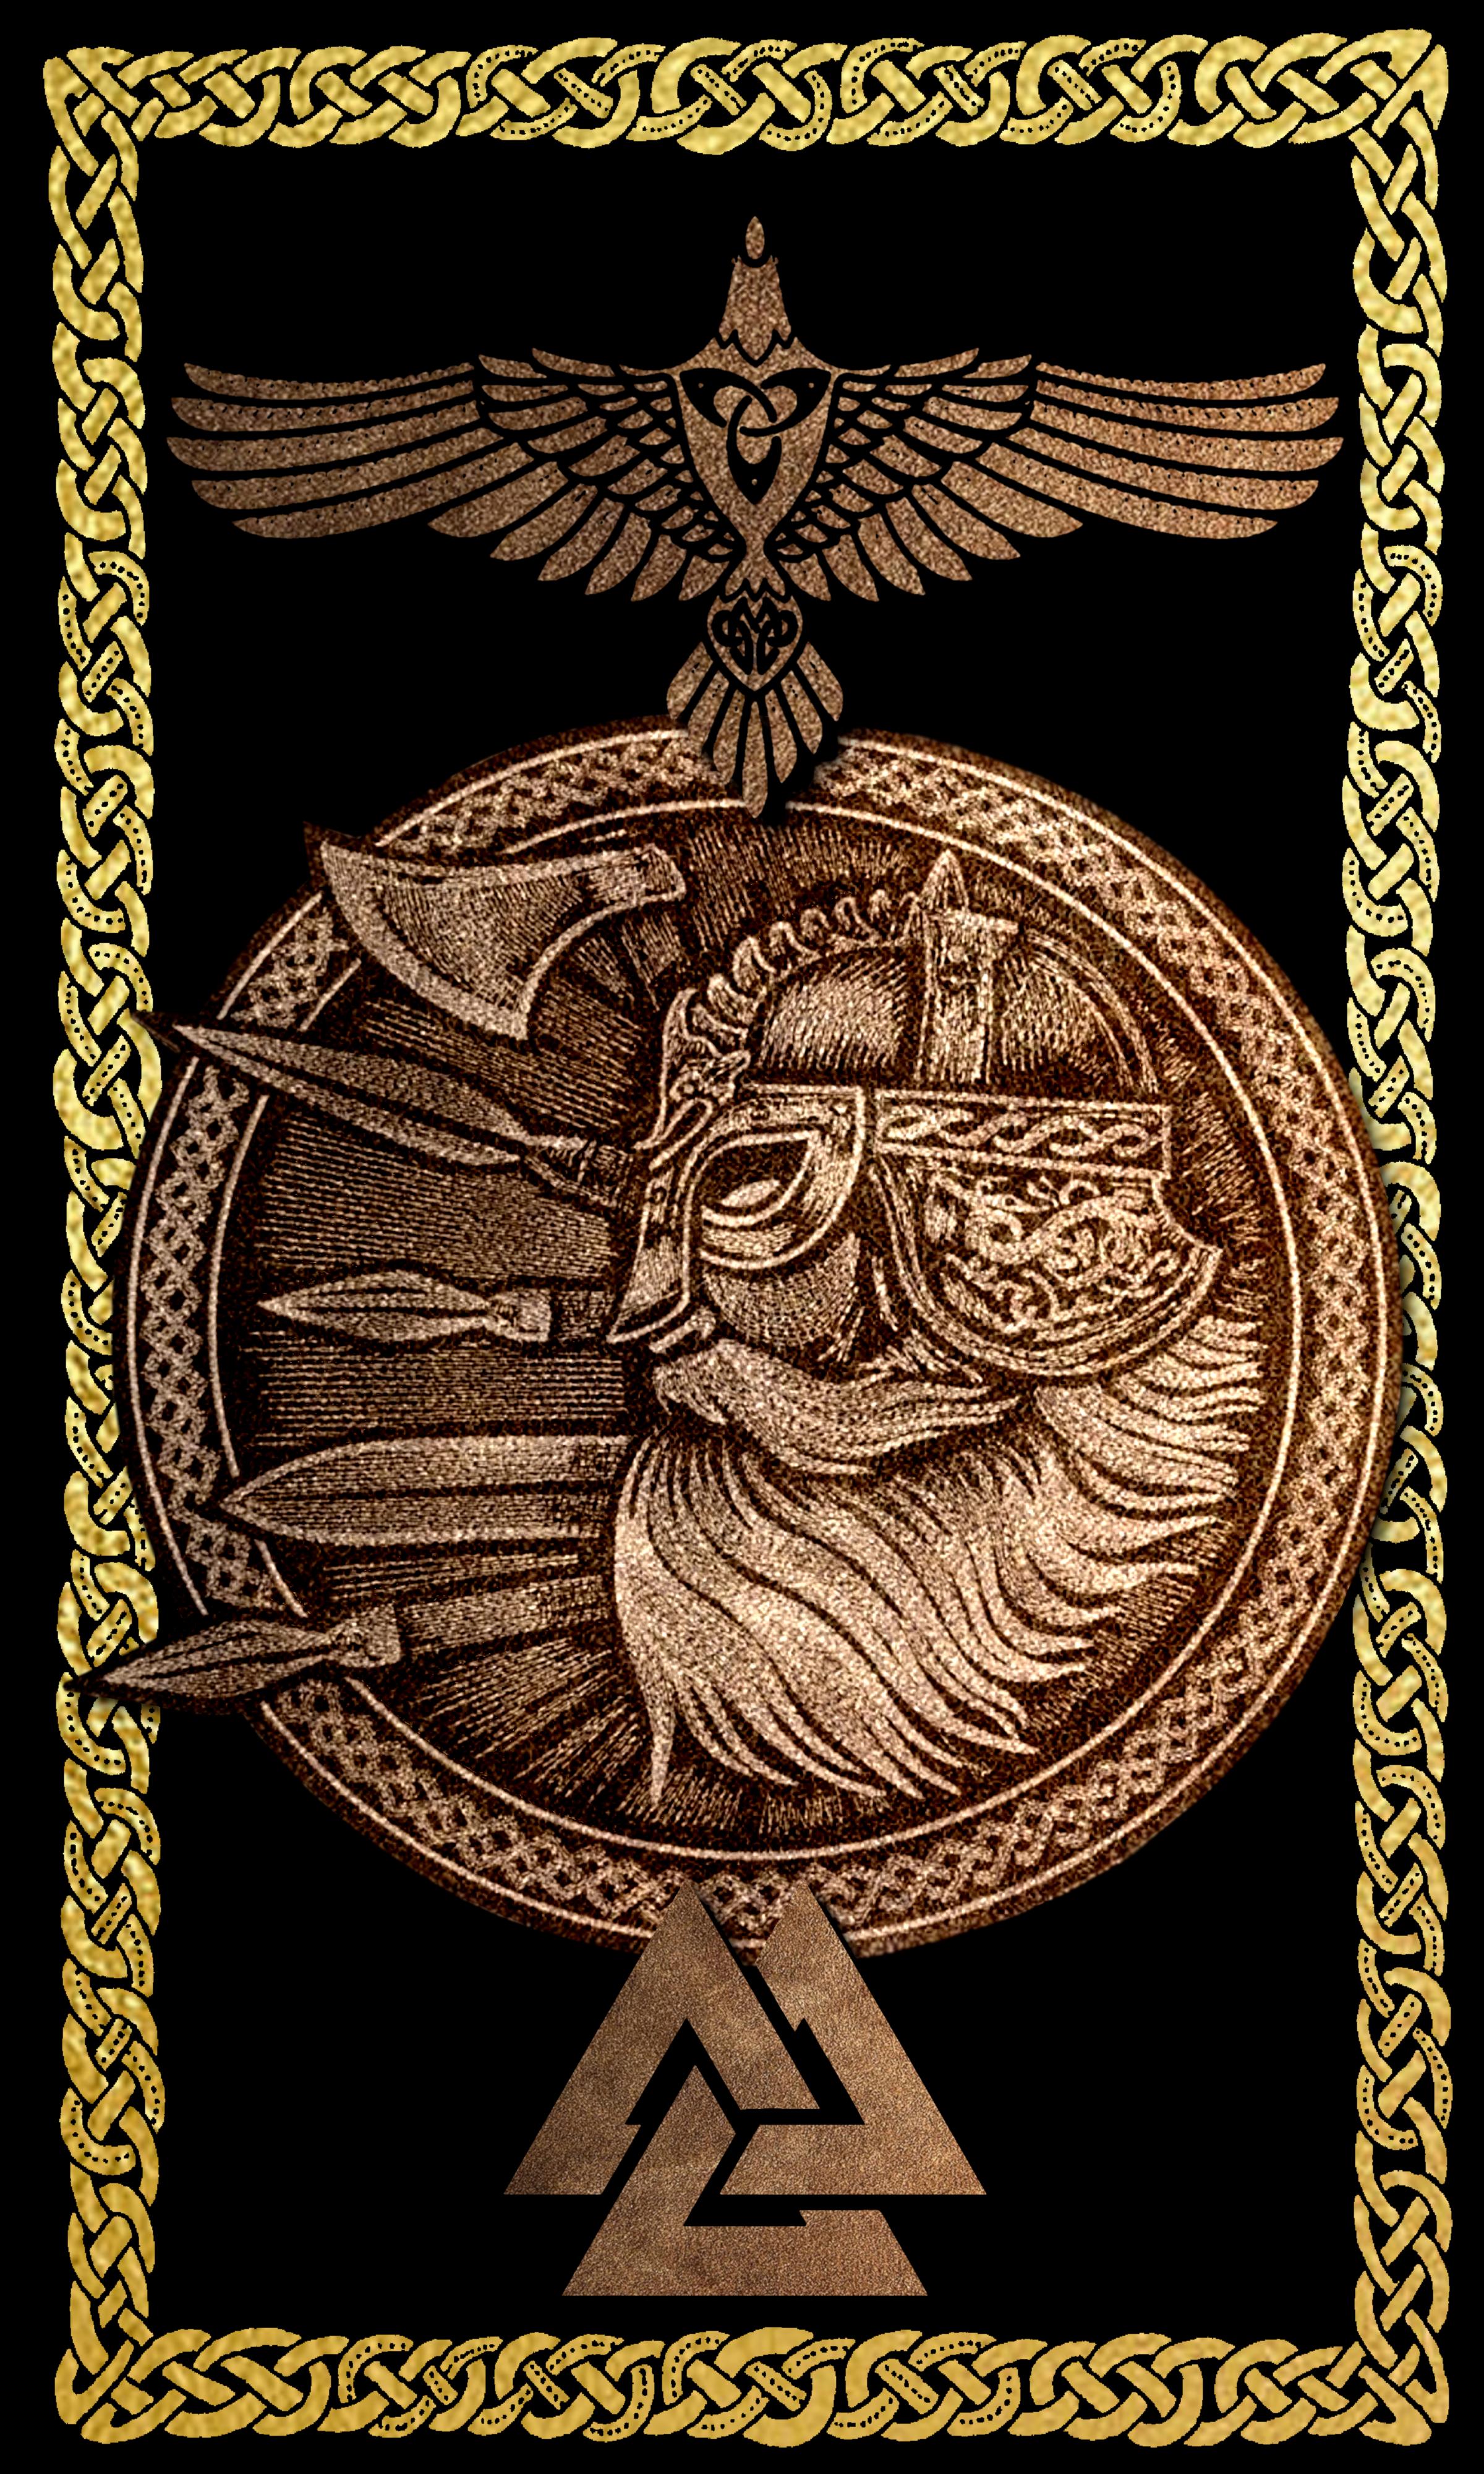 15d9a600 Viking Warrior Poster | Zazzle.com in 2019 | VikingWarriorDesign ...